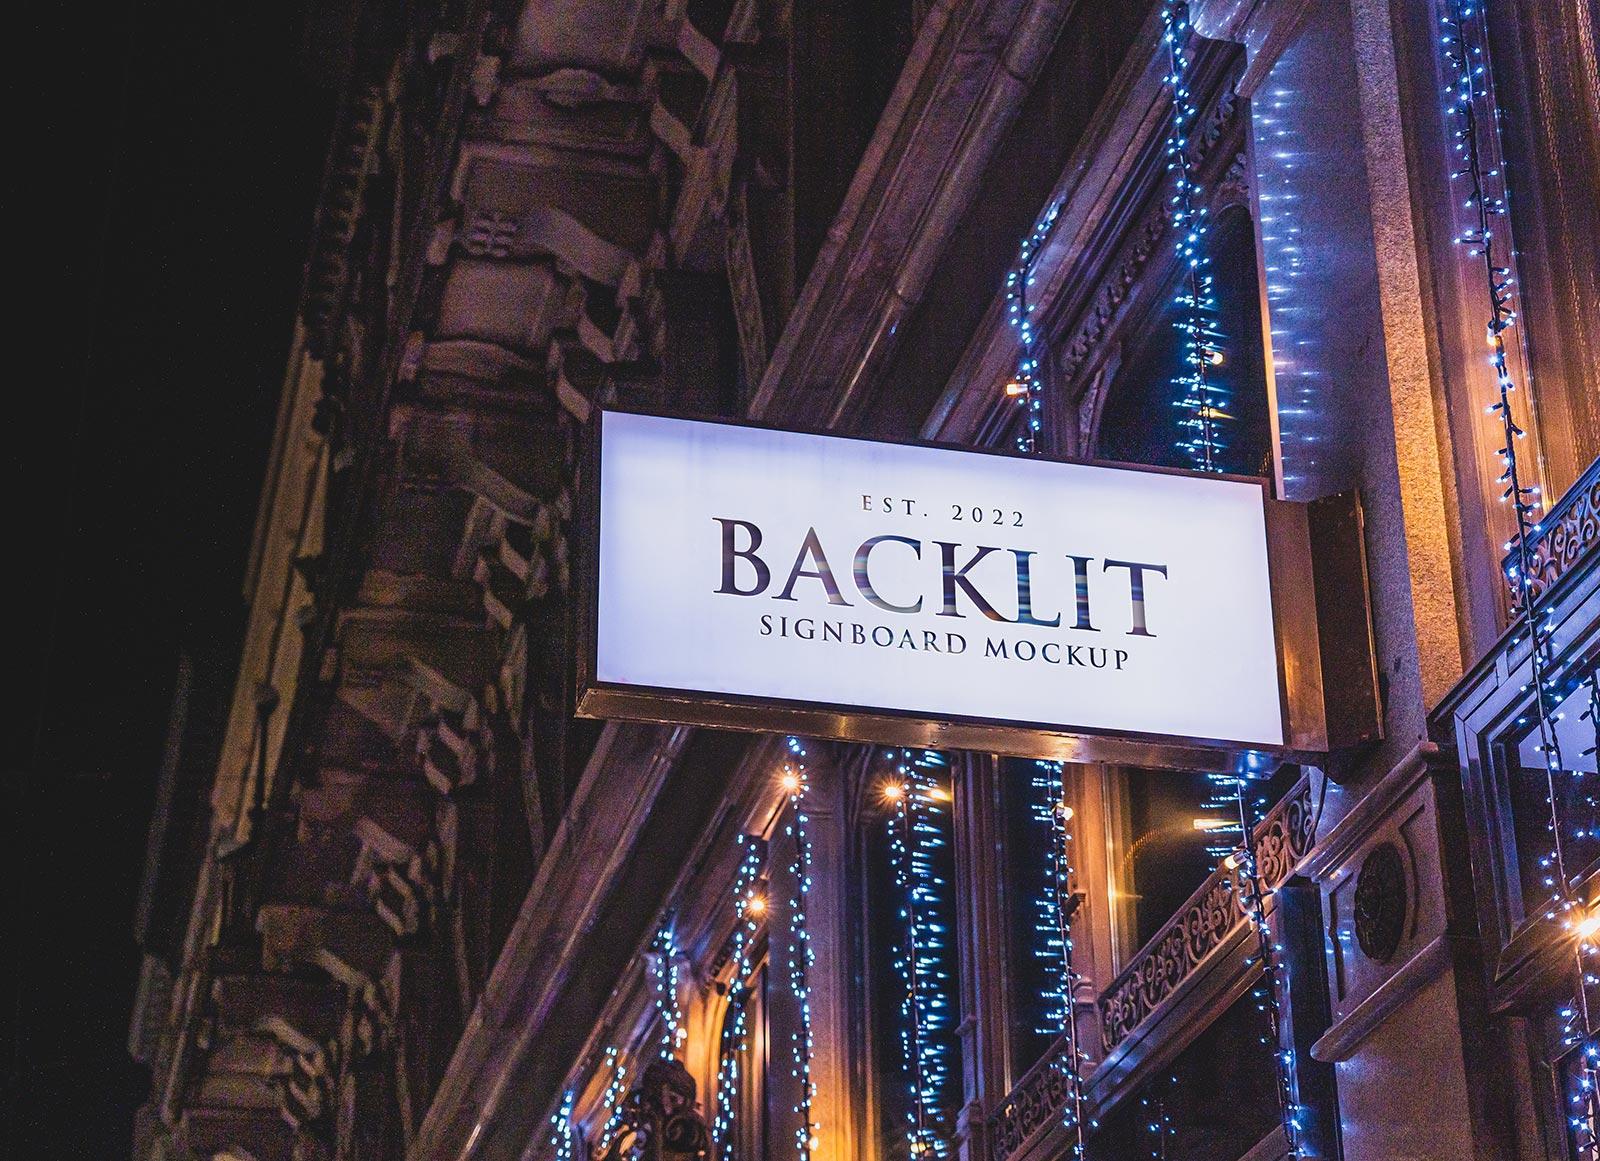 Free-Backlit-Signboard-Mockup-PSD